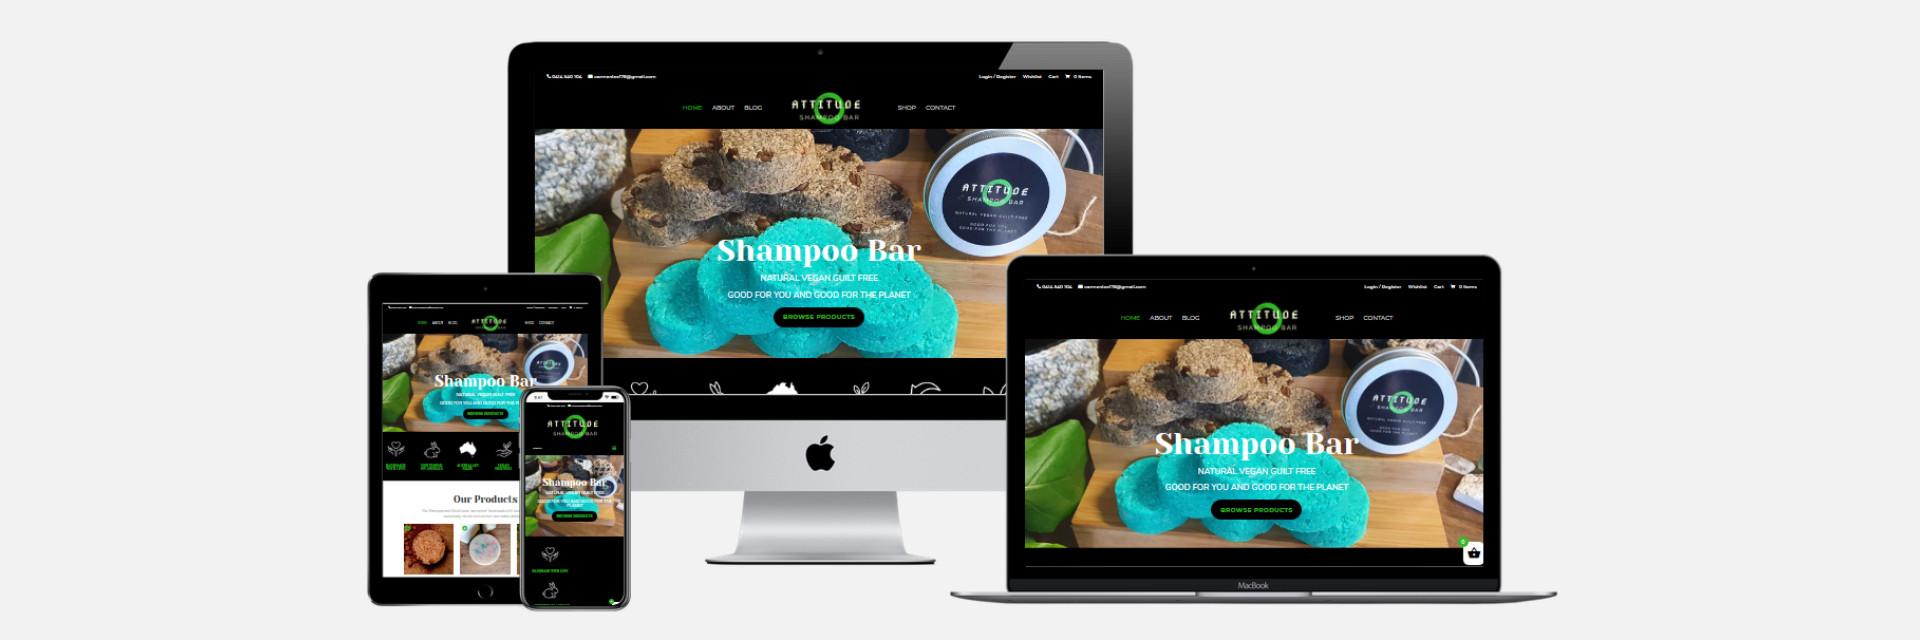 Attitude Shampoo Bar - New Website Design